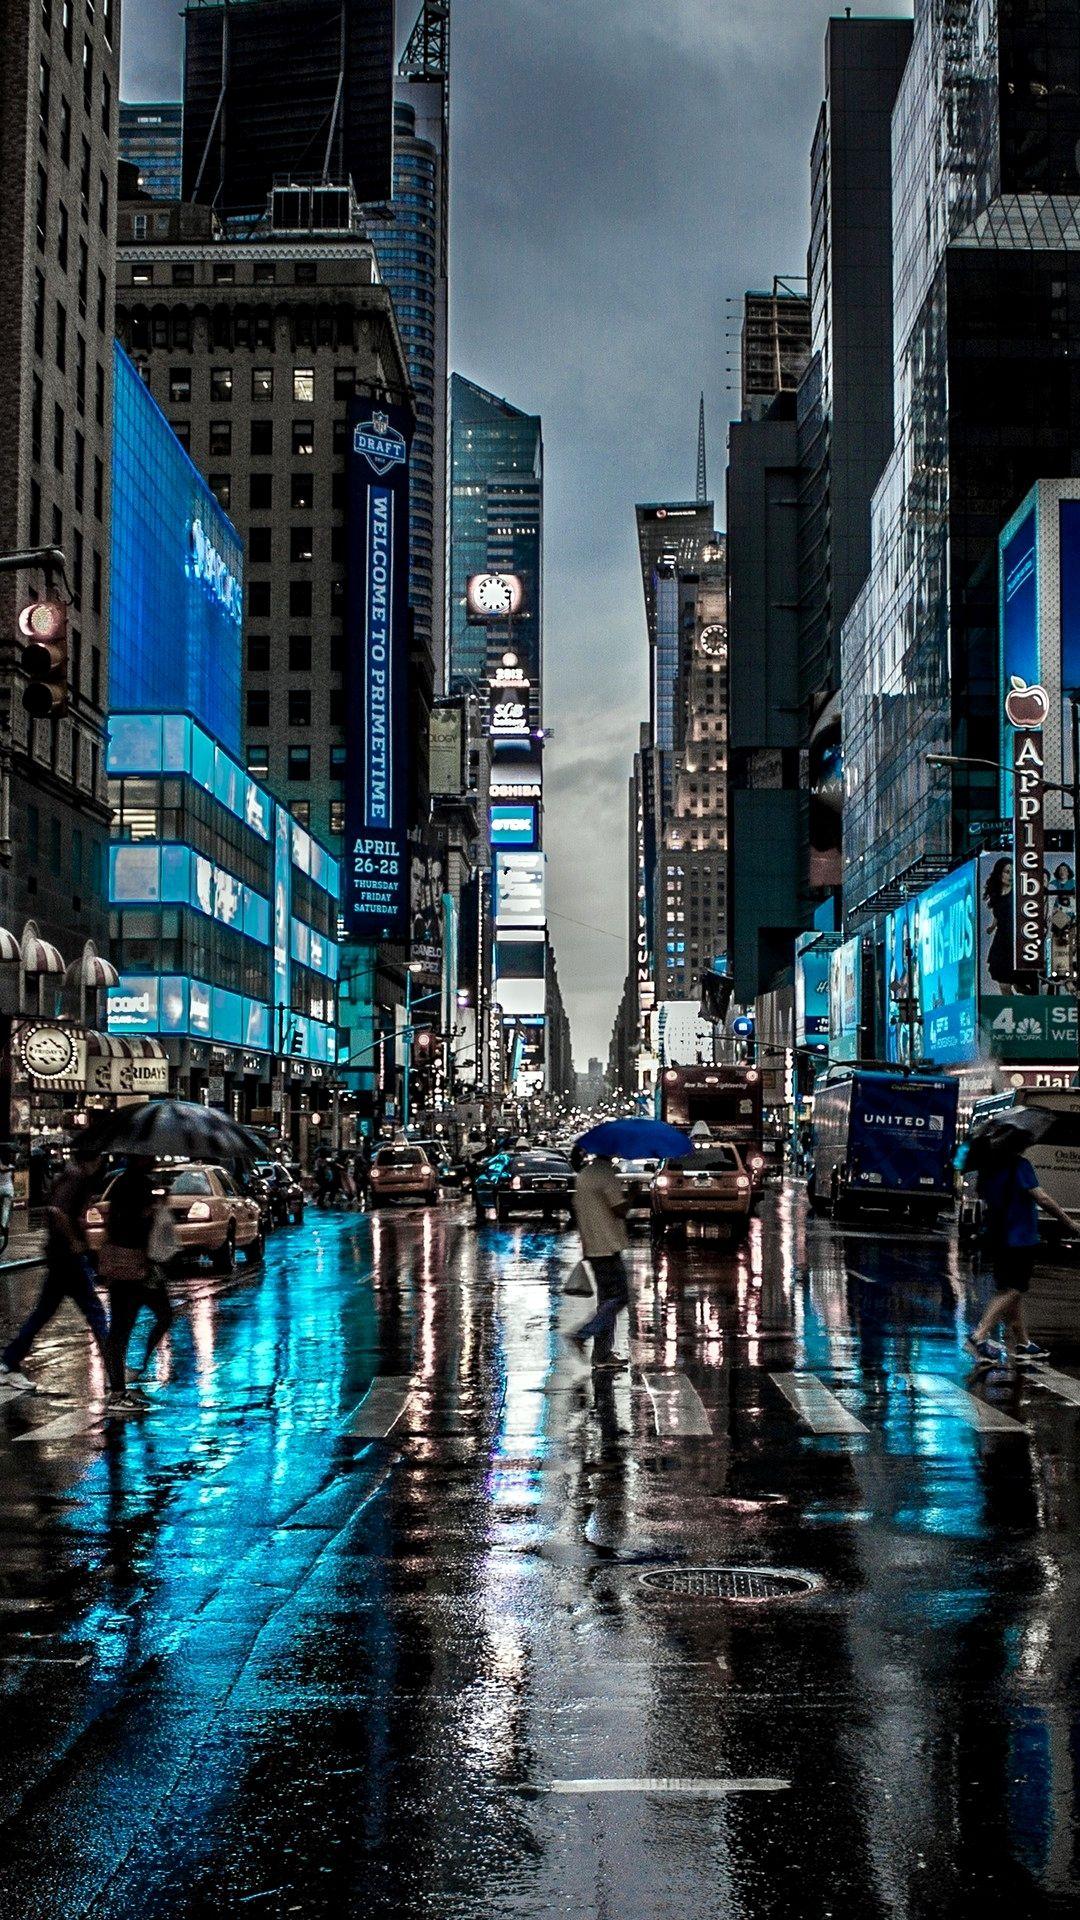 Wallpaper 4k Iphone City Gallery Pemandangan Fotografi Kota Fotografi